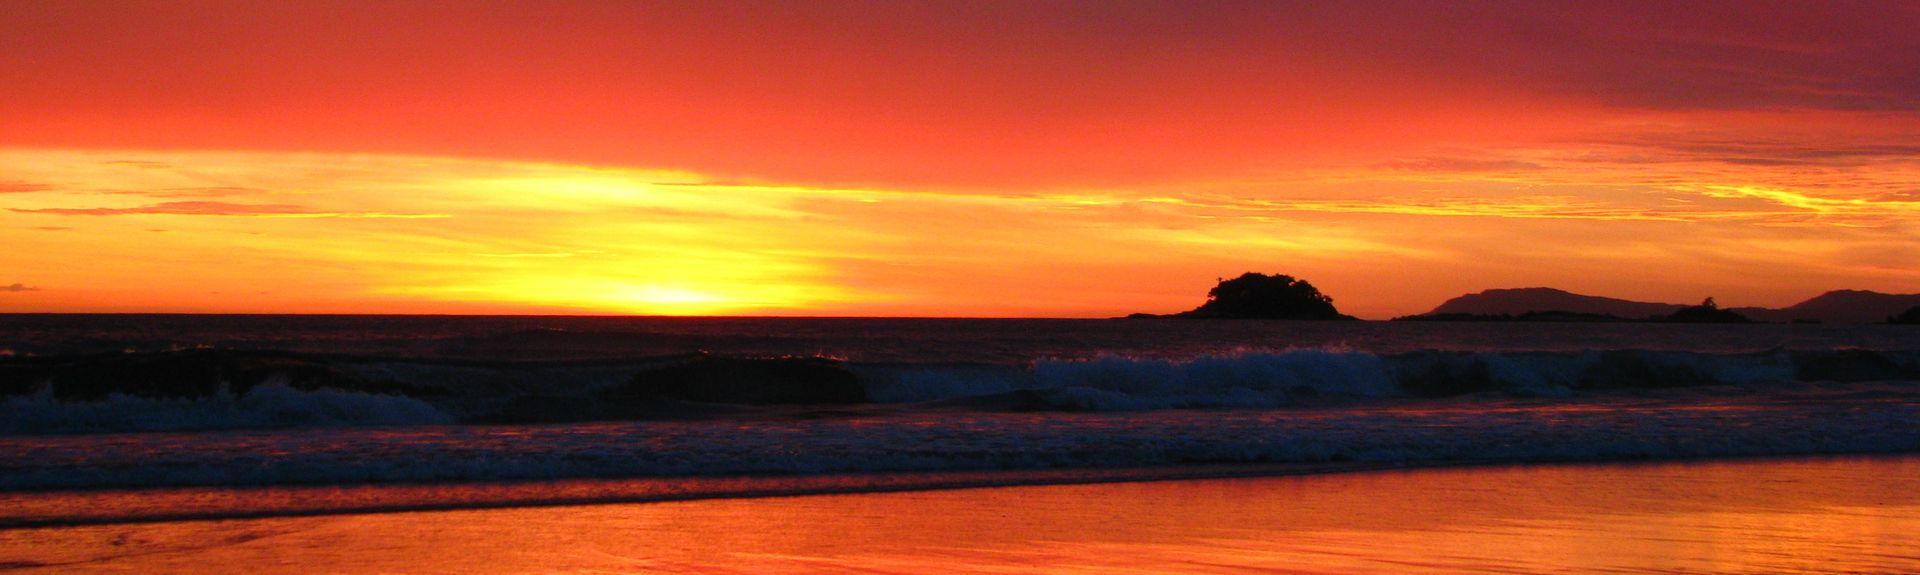 Lagoinha strand, Florianopolis, Sør-regionen, Brasil